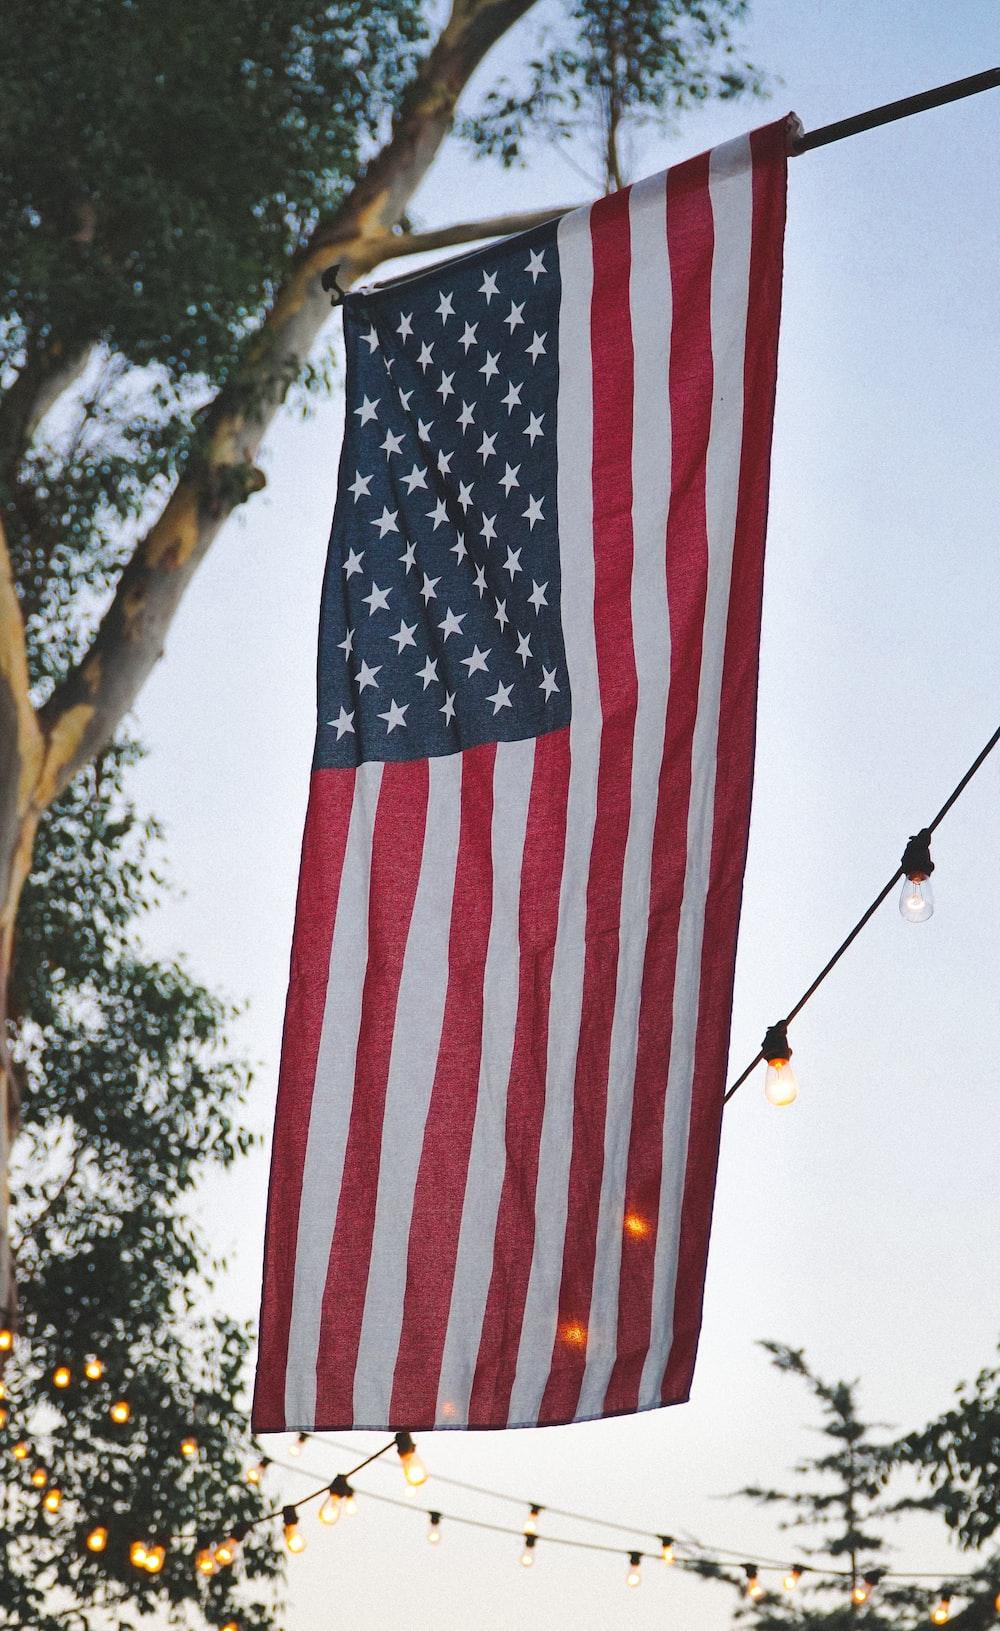 USA flag on black rod